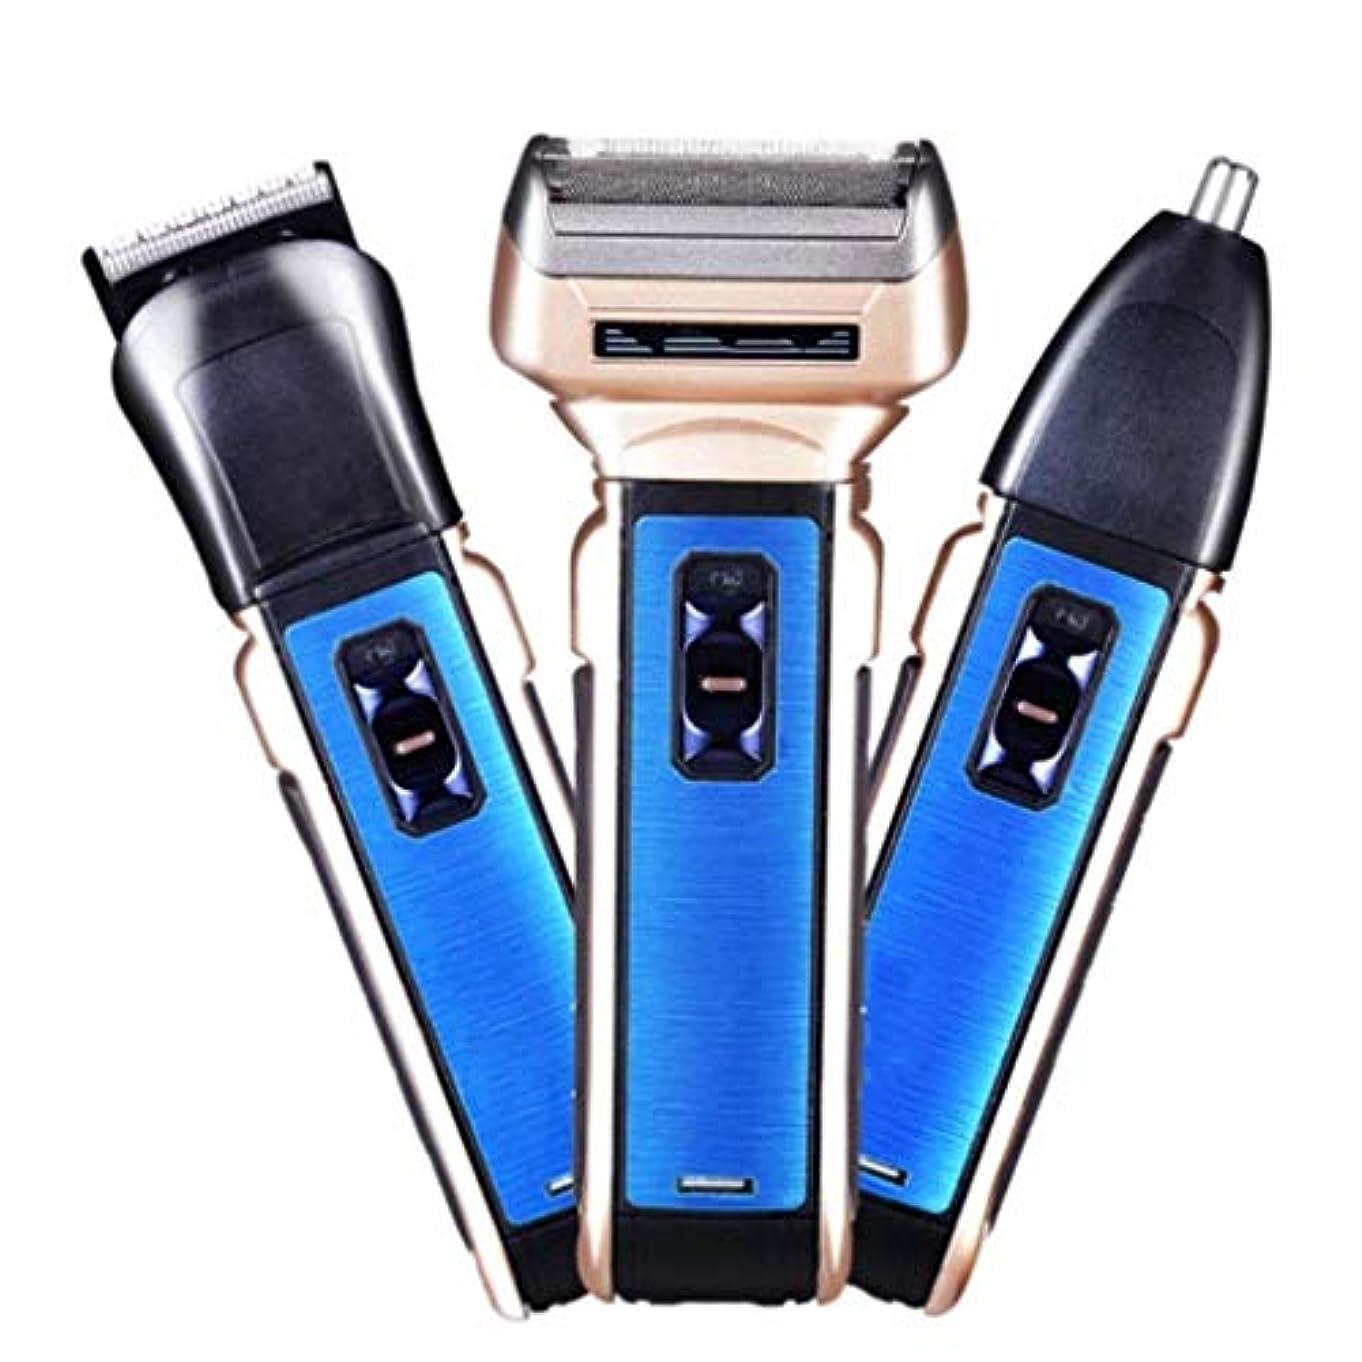 スペースストラトフォードオンエイボン本能フェイシャルヘアー3-in-1鼻毛トリマーセットABS 360°往復充電取り外し可能なヘッドと洗えるデザイン電気かみそり